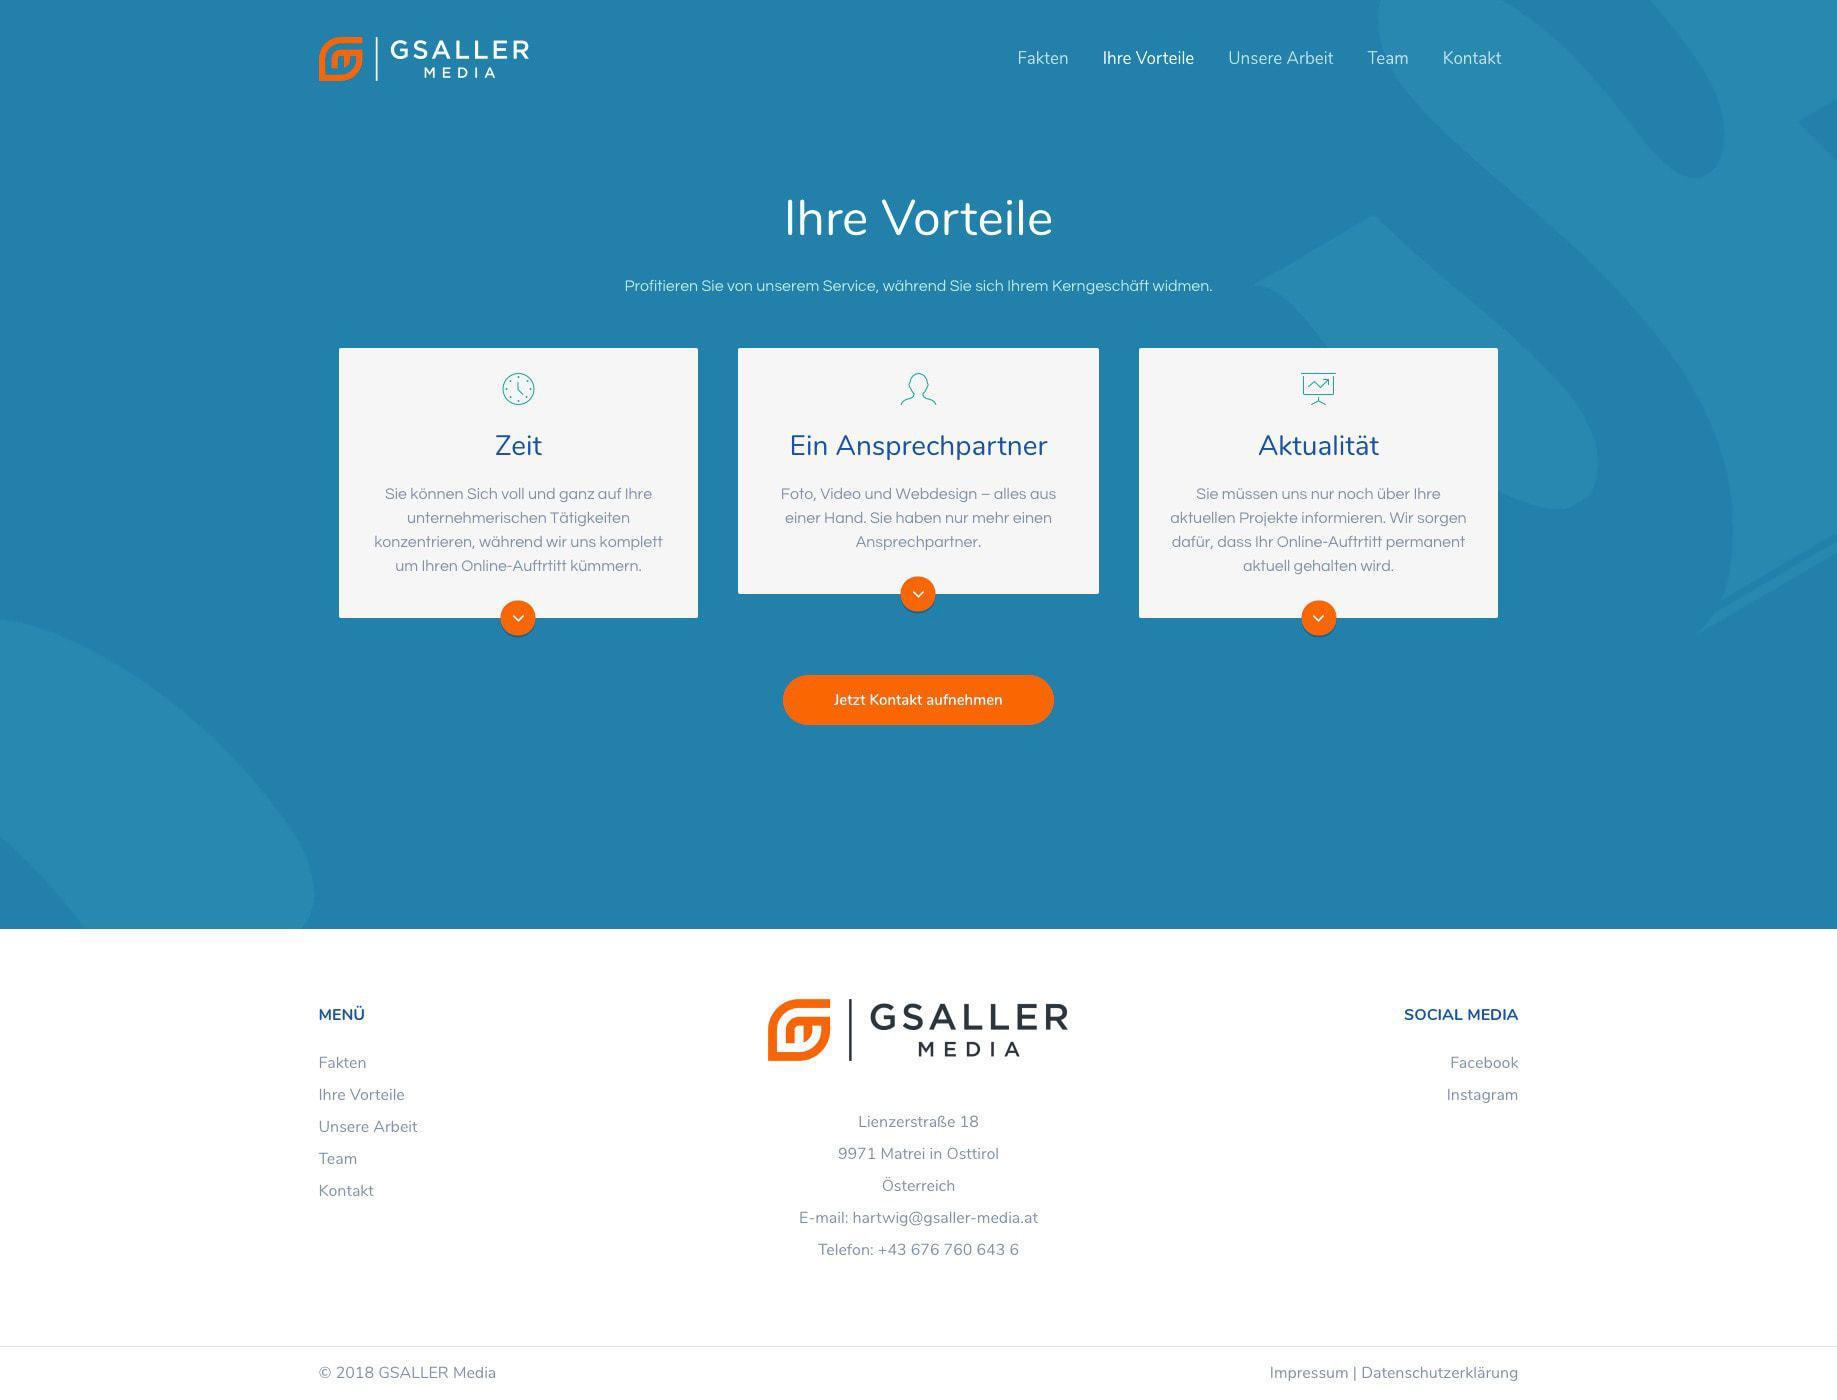 Gsaller Media Webdesign Agentur Seite Vorteile